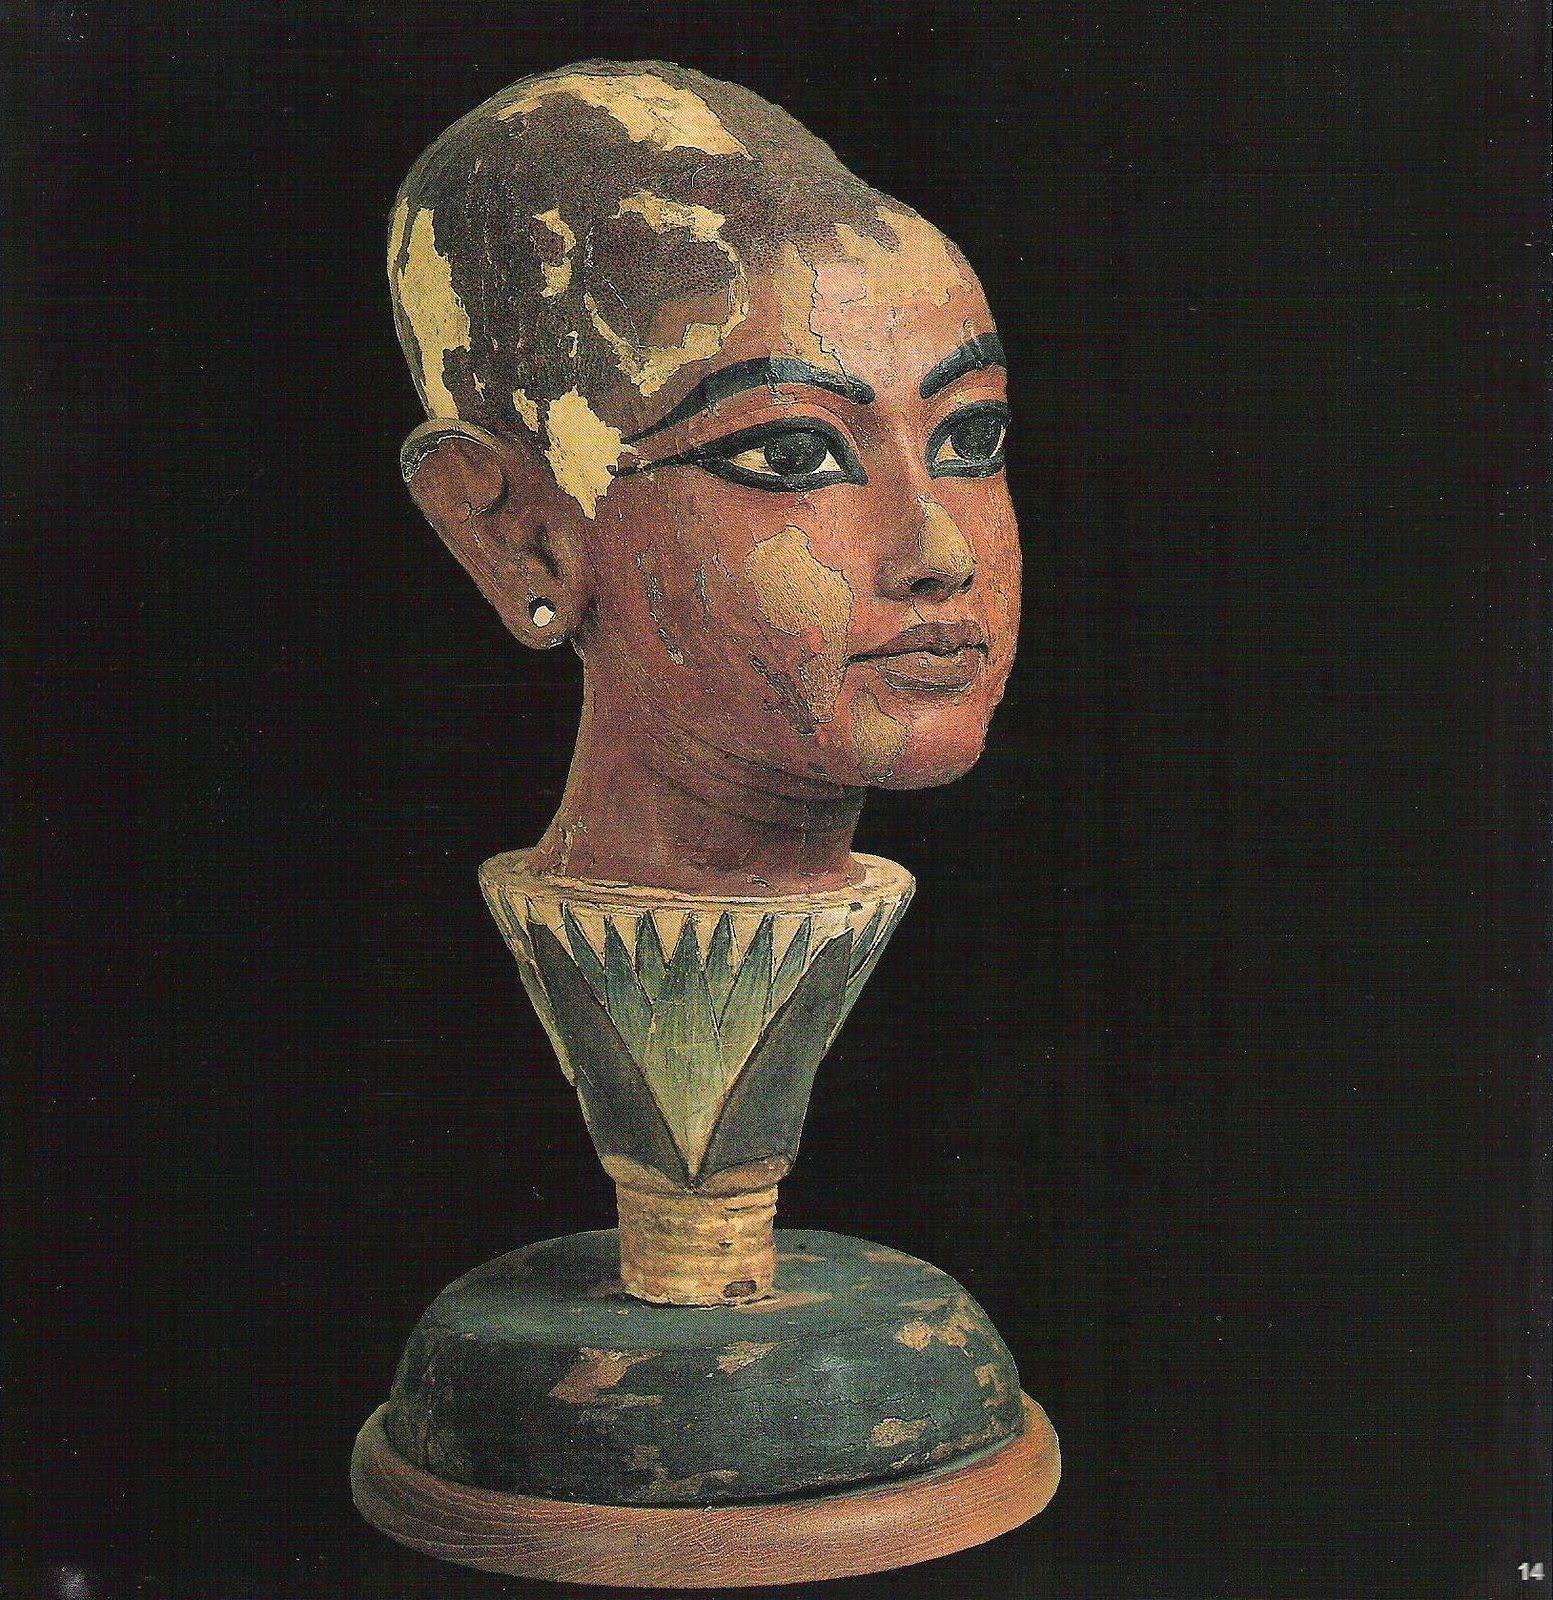 Est100 一些攝影 Some Photos Howard Carter King Tutankhamun